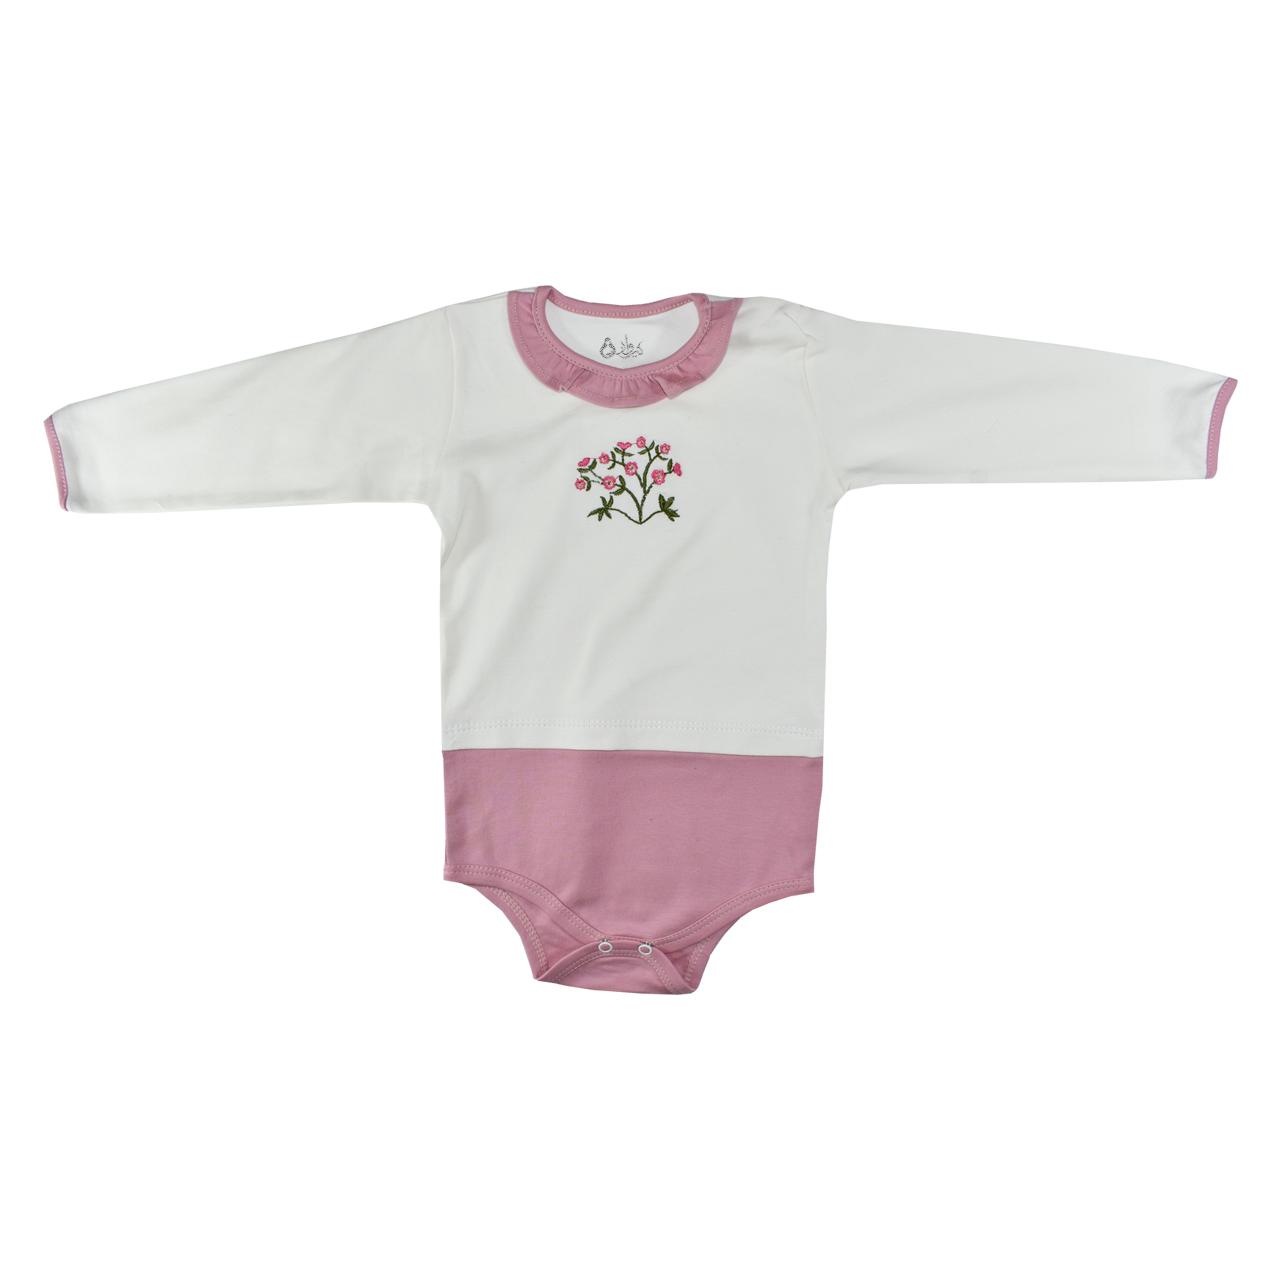 ست 3 تکه لباس نوزادی نیروان طرح گل کد 3 -  - 6